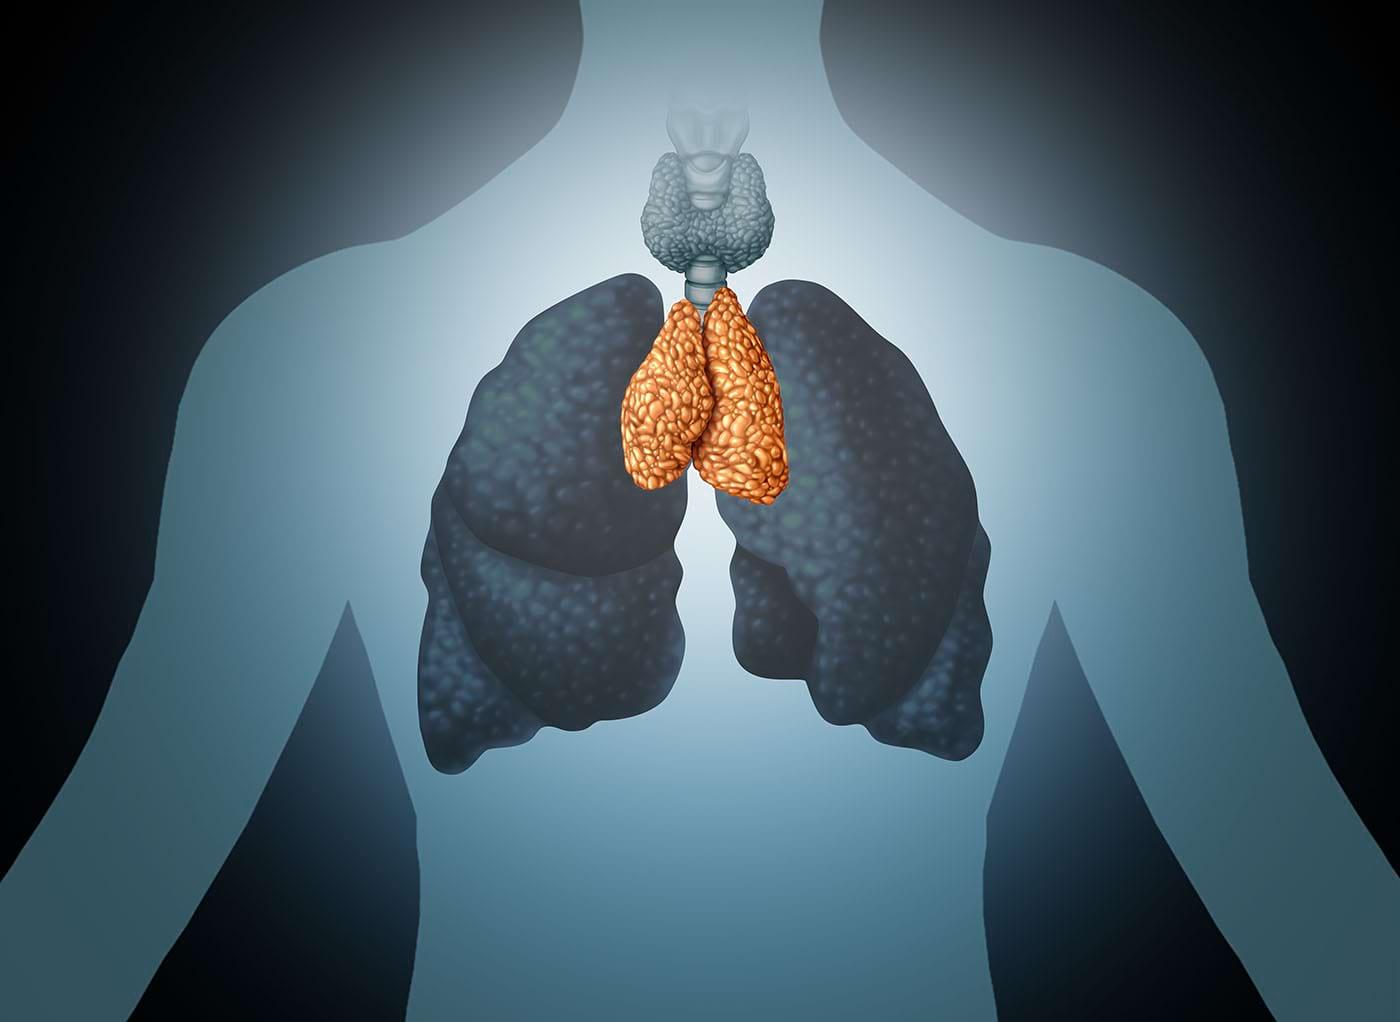 Cartografierea originii sistemului imunitar dă speranțe pentru noi terapii anticanceroase [studiu]